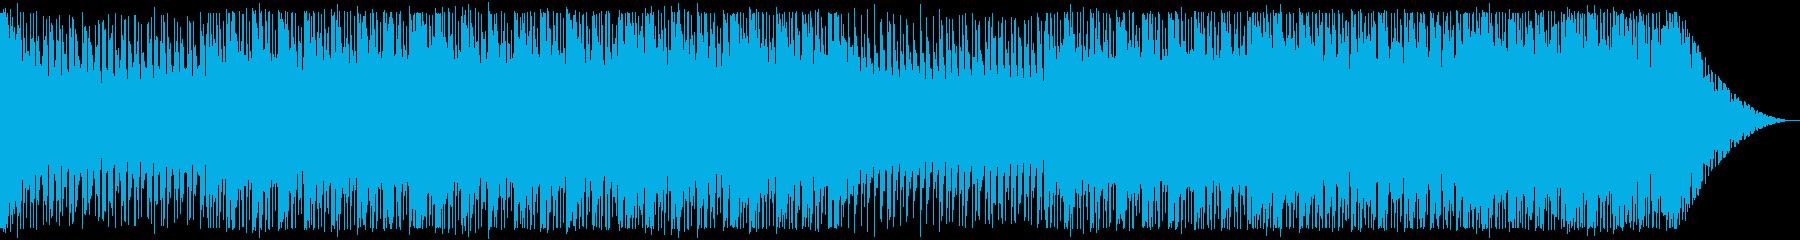 ハジけるようなハウス_No588_1の再生済みの波形